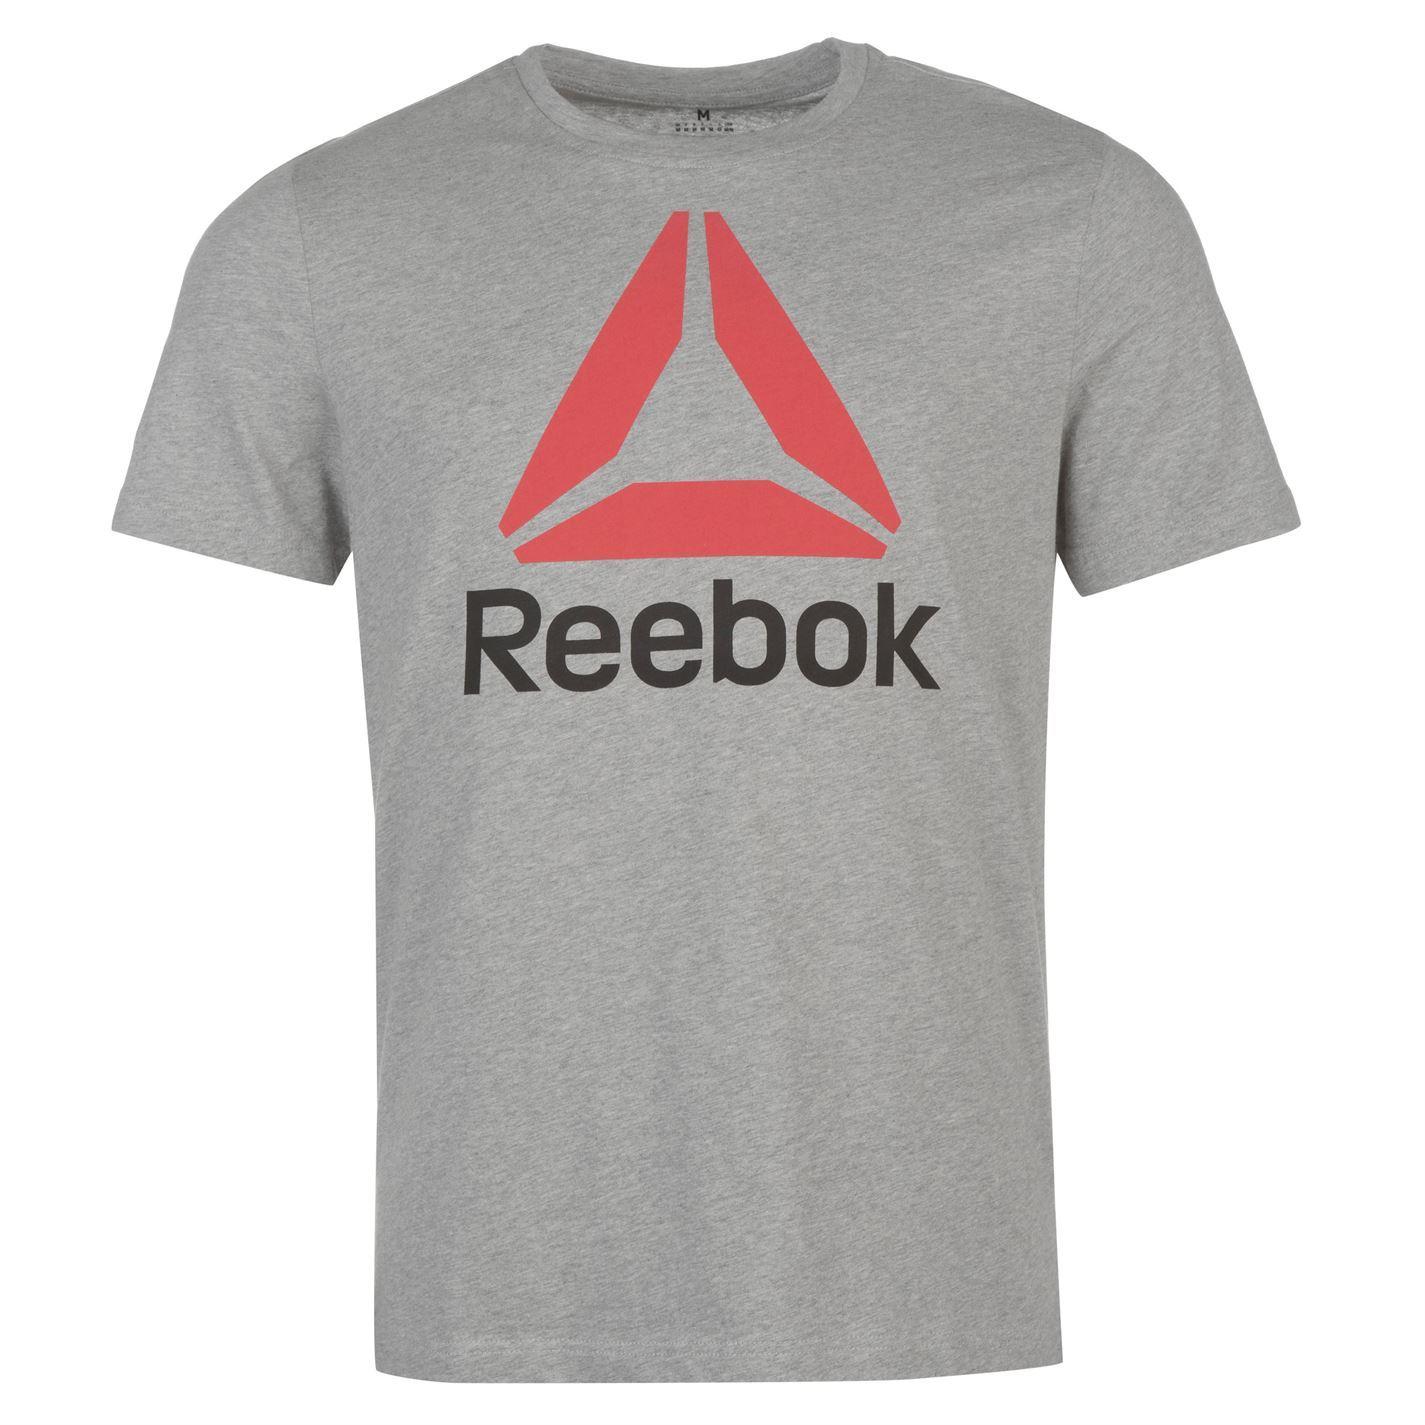 Reebok-Stack-Delta-Logo-T-Shirt-Mens-Tee-Shirt-Top thumbnail 15